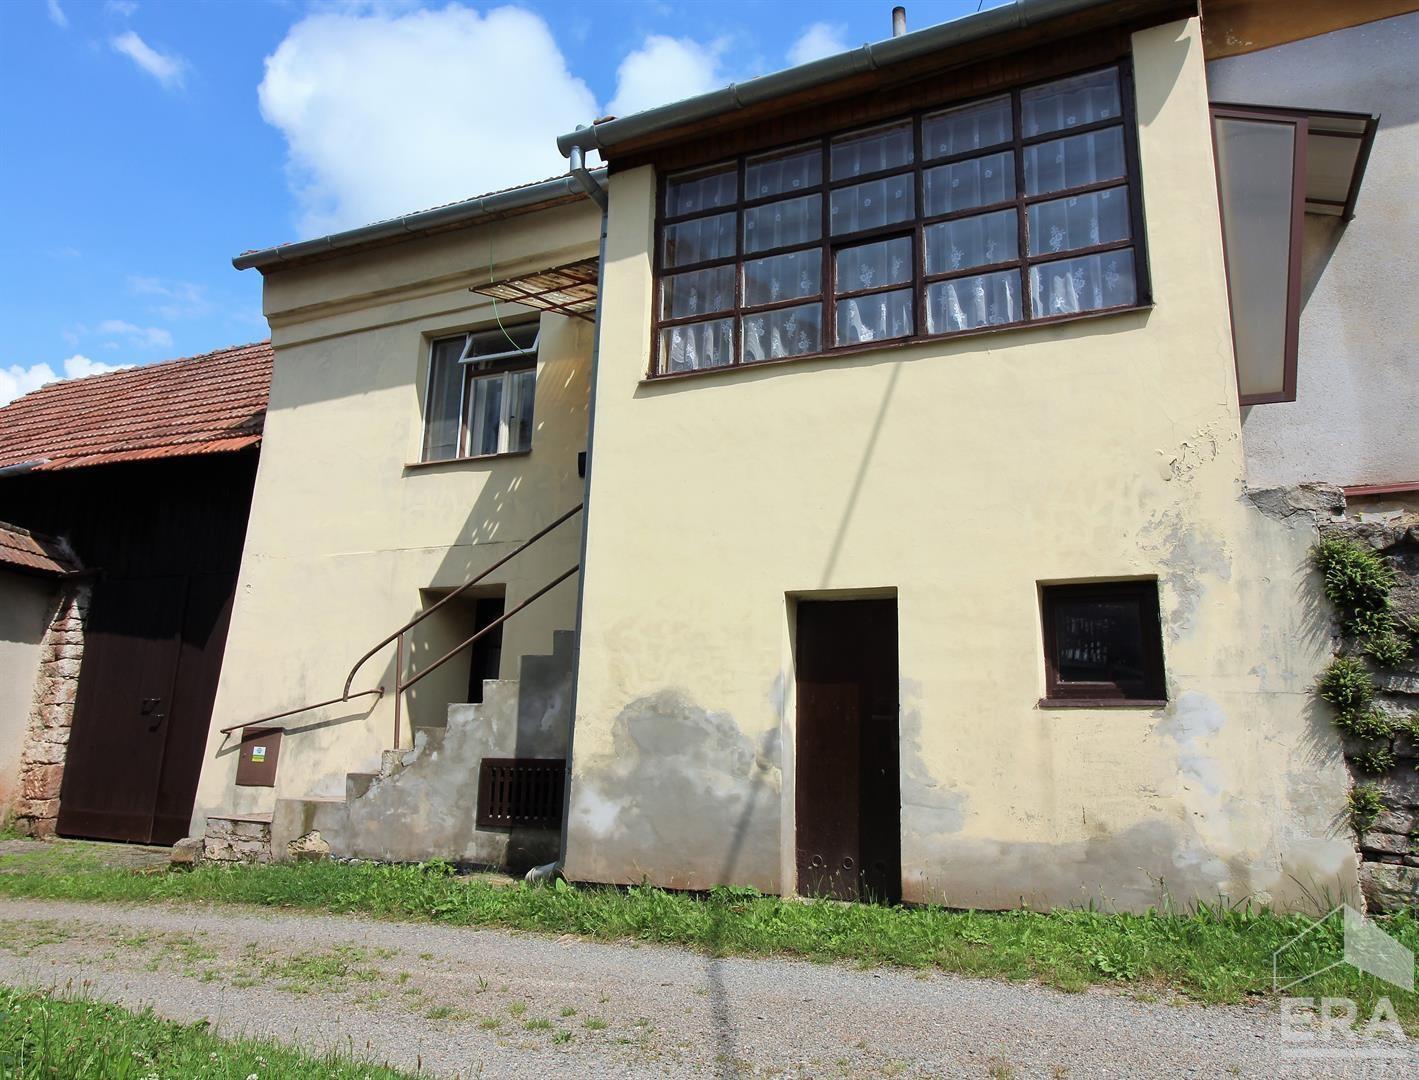 Prodej domu se stodolou v obci Hluboké Dvory